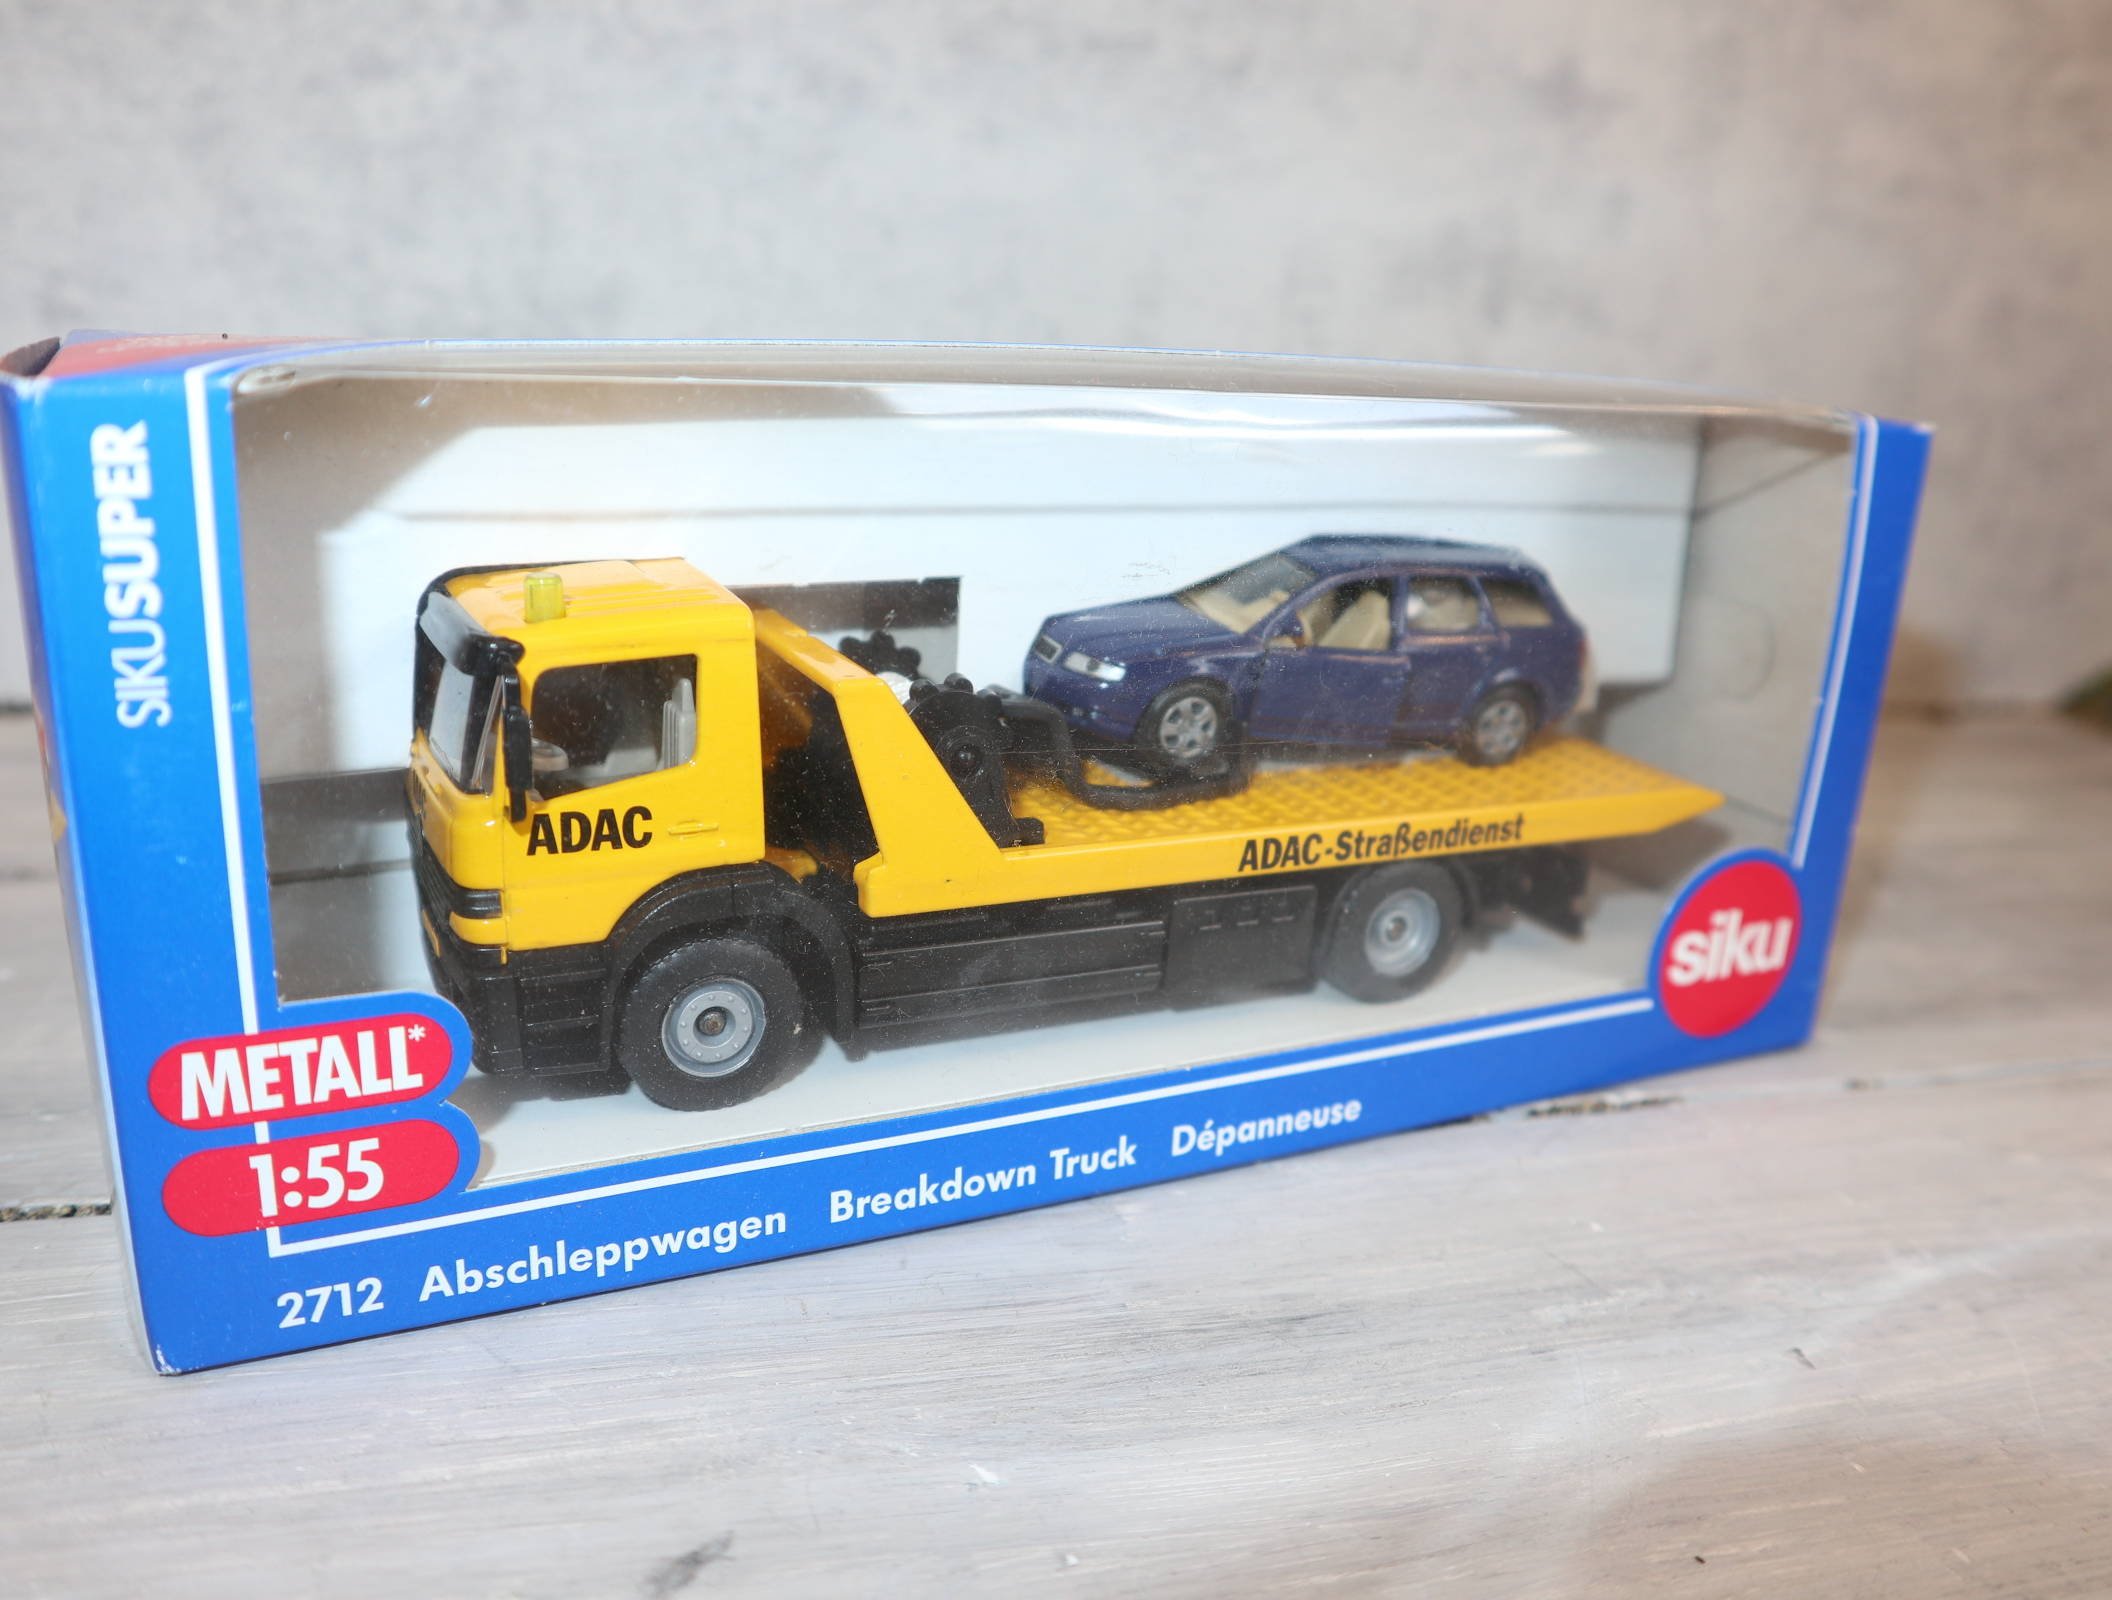 Siku 2712 in 1:55 Abschleppwagen mit PKW